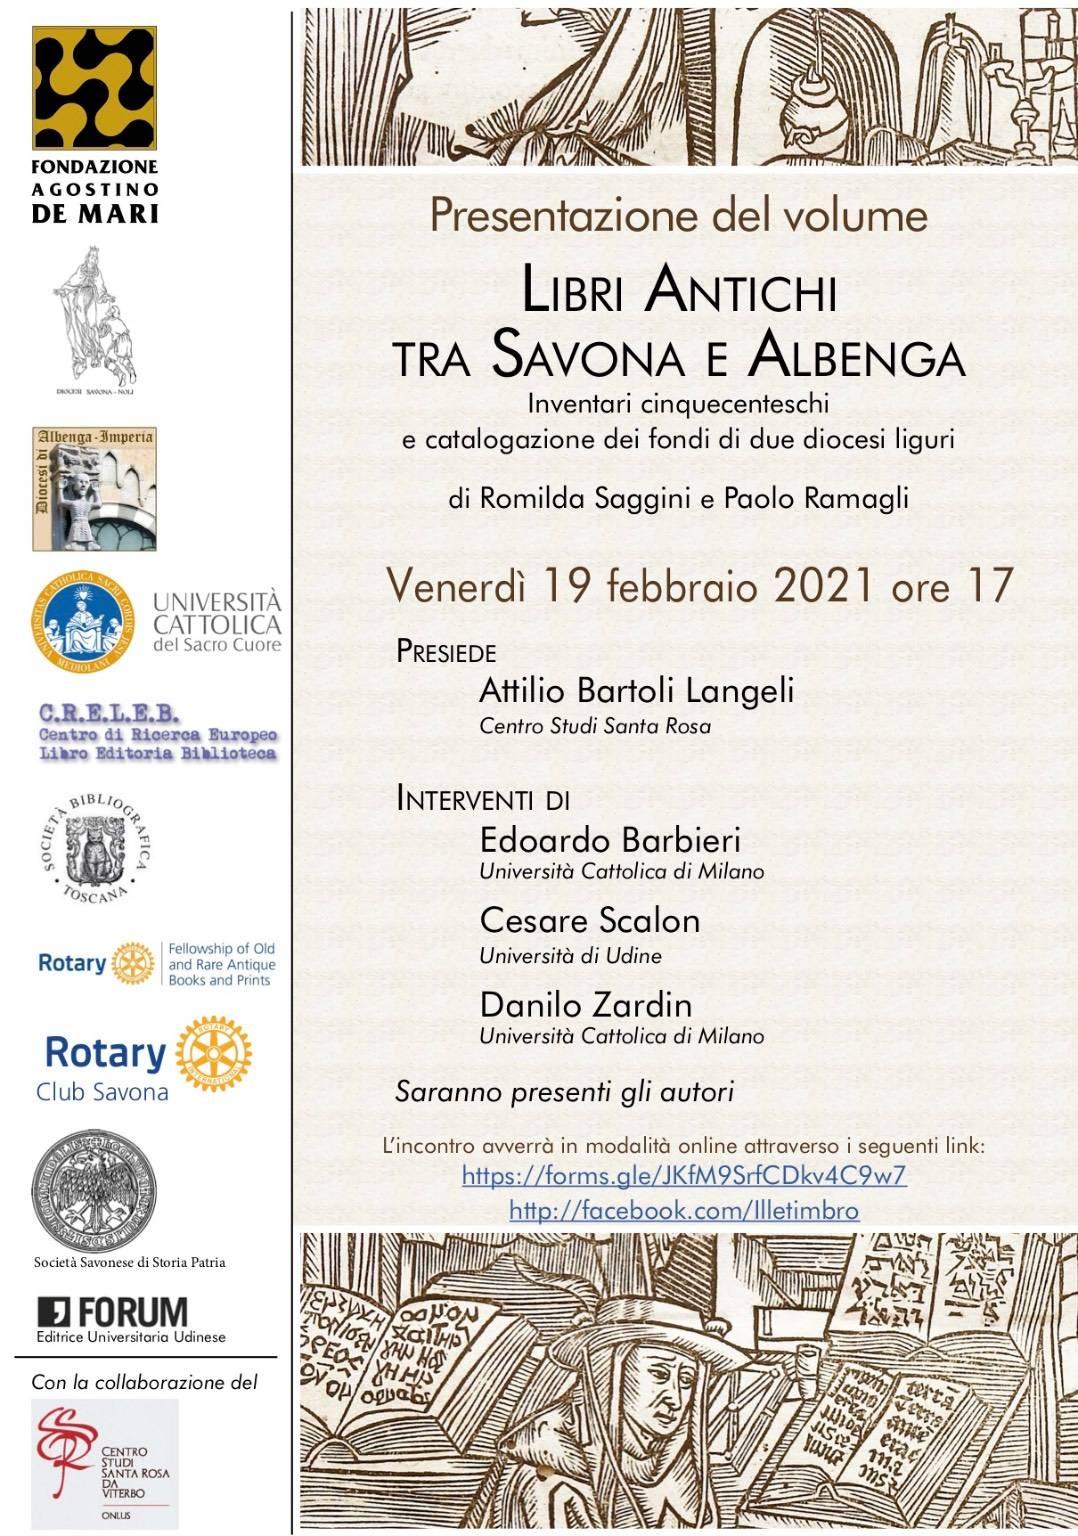 """""""Libri antichi tra Savona e Albenga"""" presentazione volume Romilda Saggini e Paolo Ramagli"""